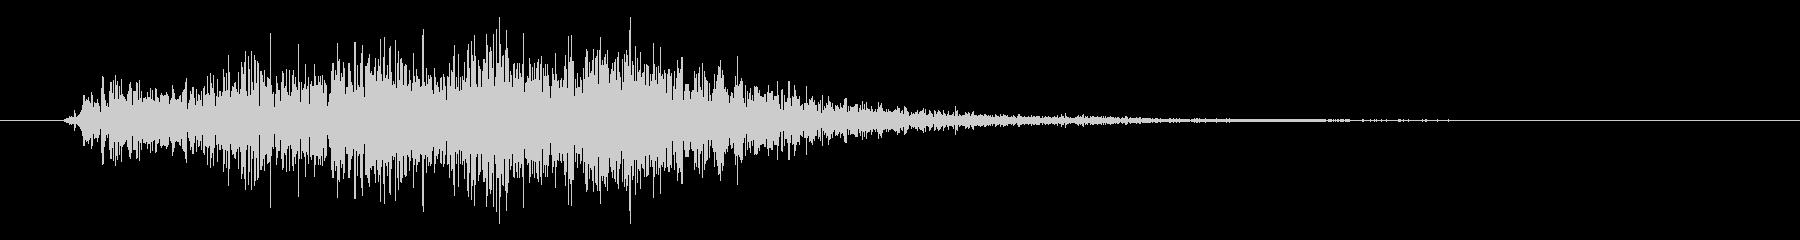 オーケストラ ジングルストリングス...の未再生の波形